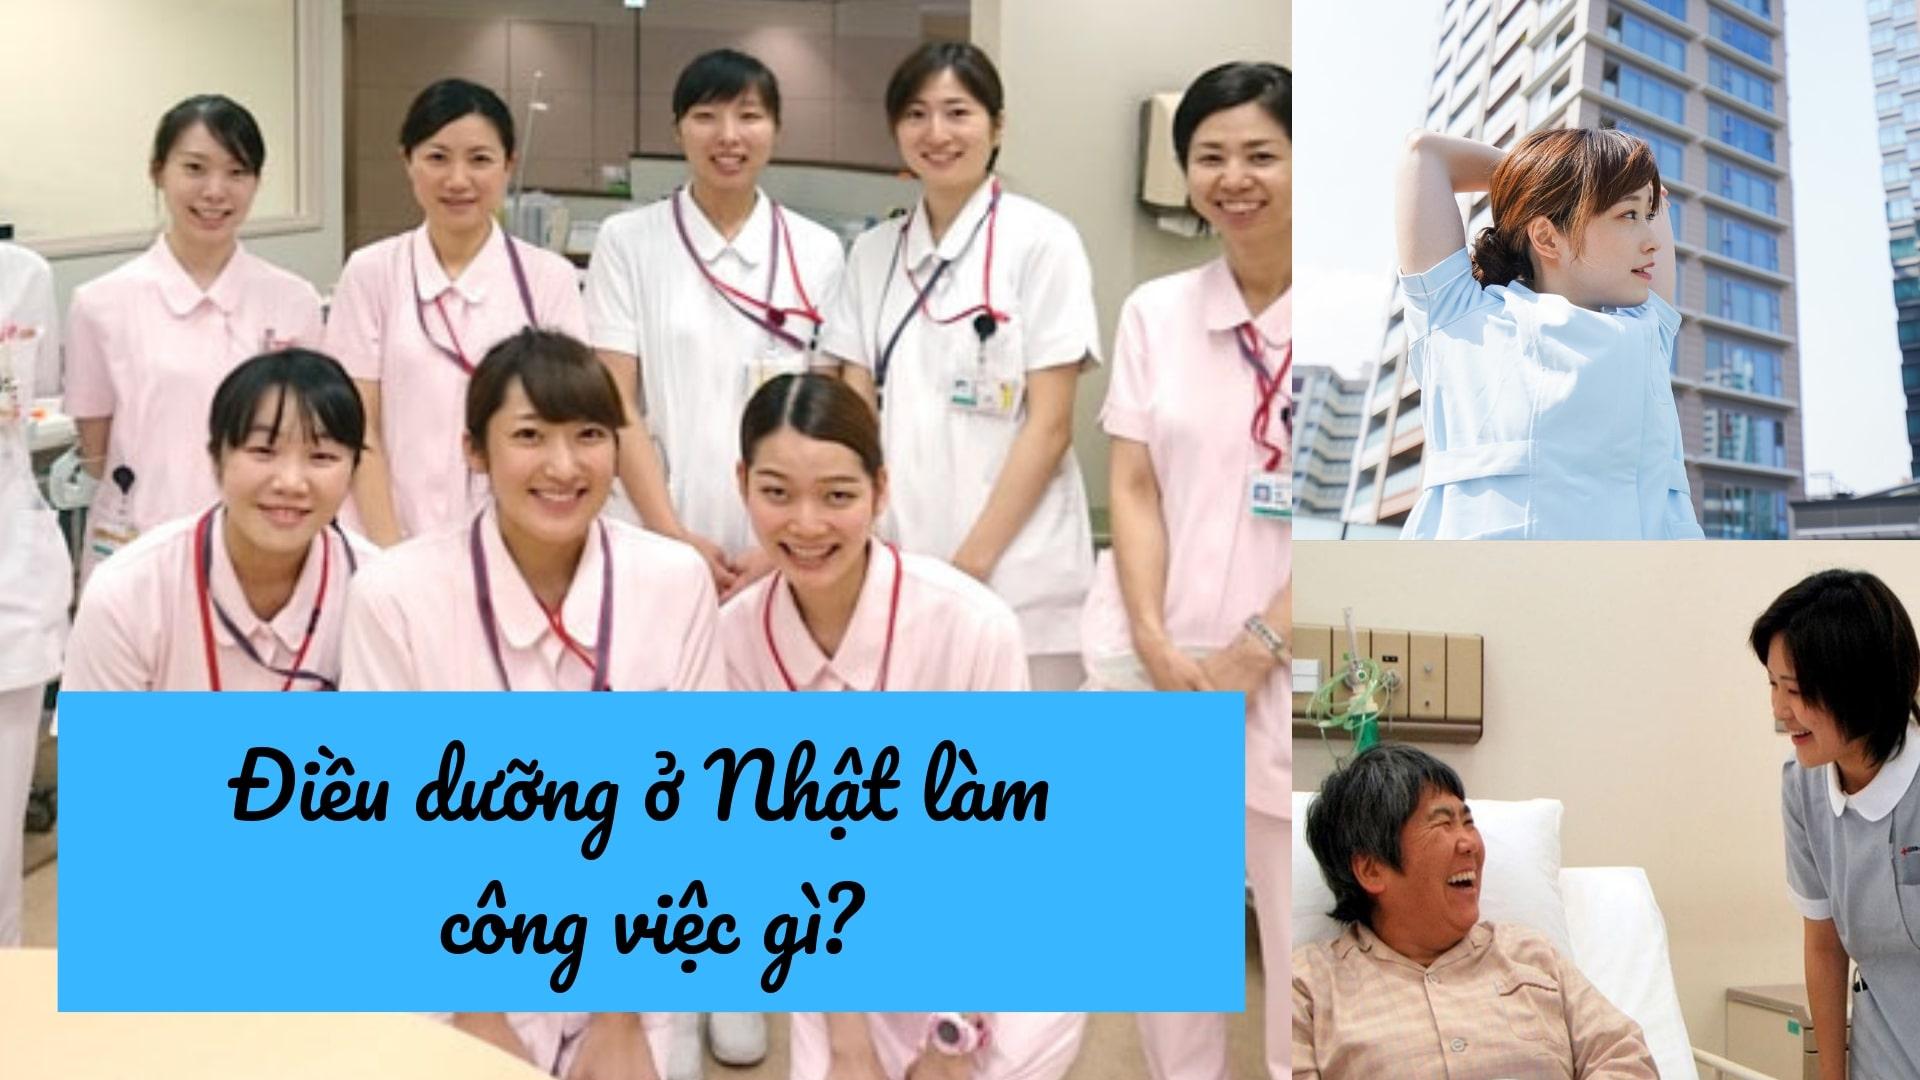 Điều dưỡng ở Nhật làm công việc gì? Có vất vả, bận rộn không?